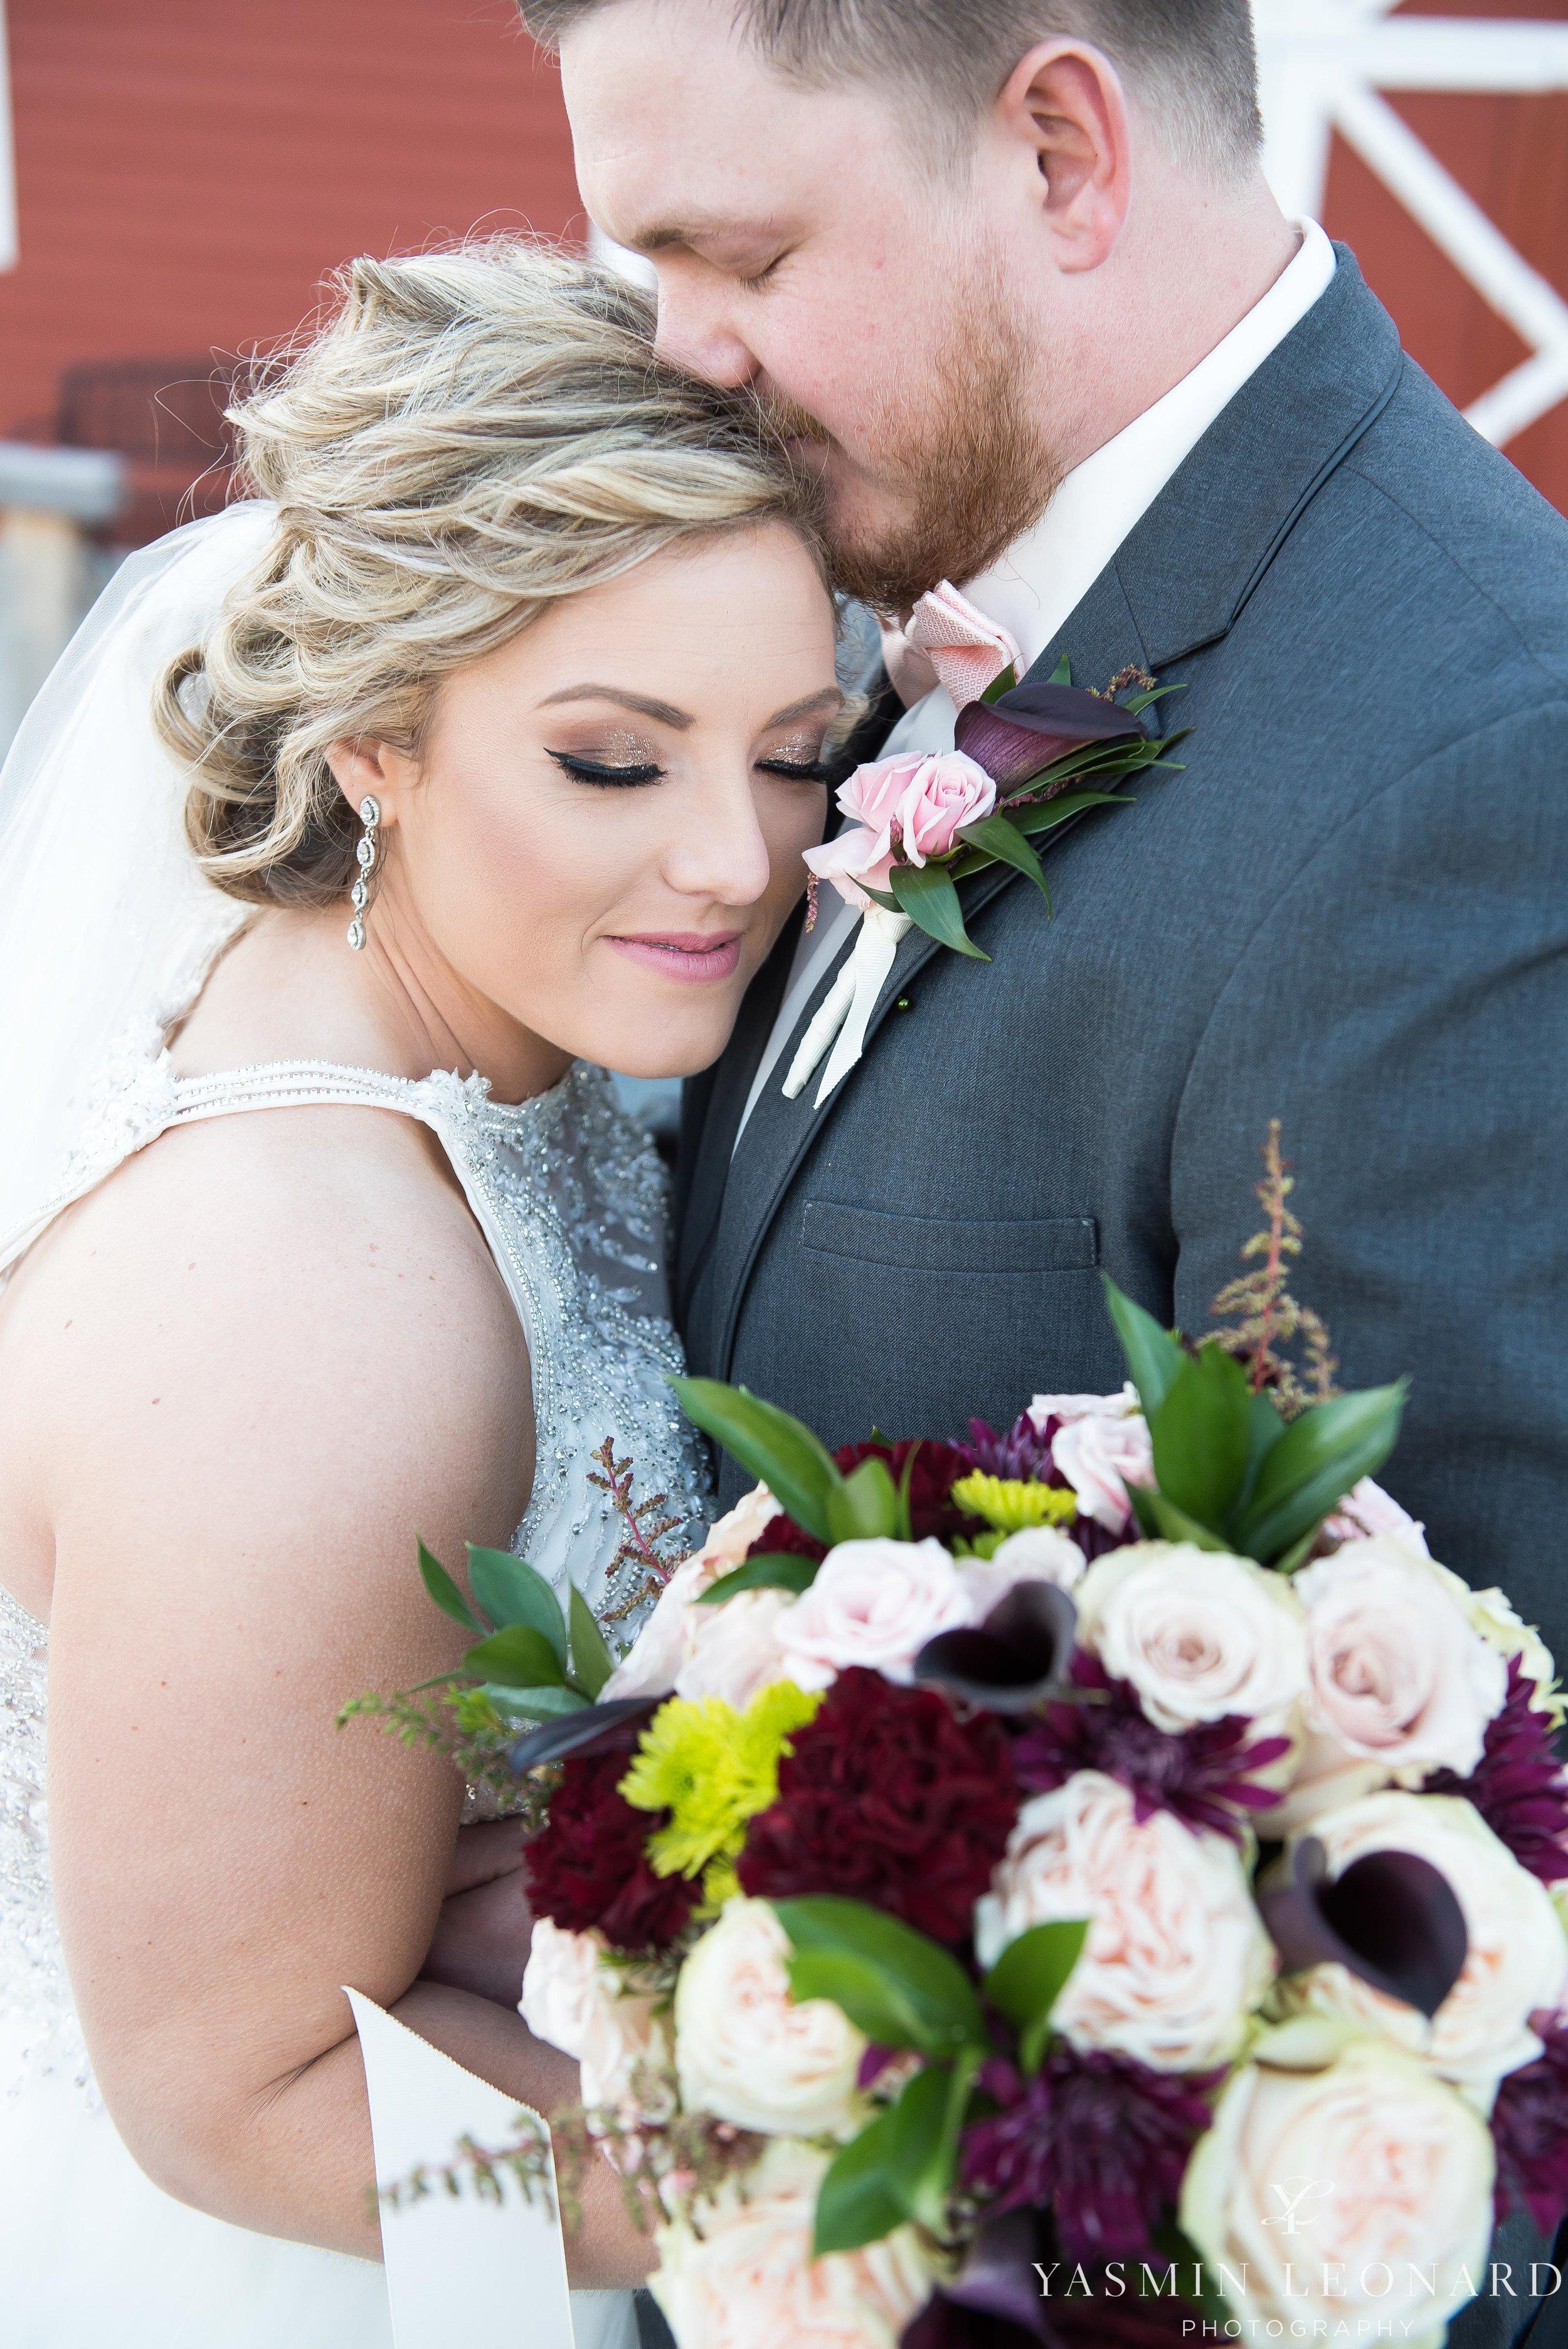 Millikan Farms - Millikan Farms Wedding - Sophia NC Wedding - NC Wedding - NC Wedding Photographer - Yasmin Leonard Photography - High Point Photographer - Barn Wedding - Wedding Venues in NC - Triad Wedding Photographer-54.jpg